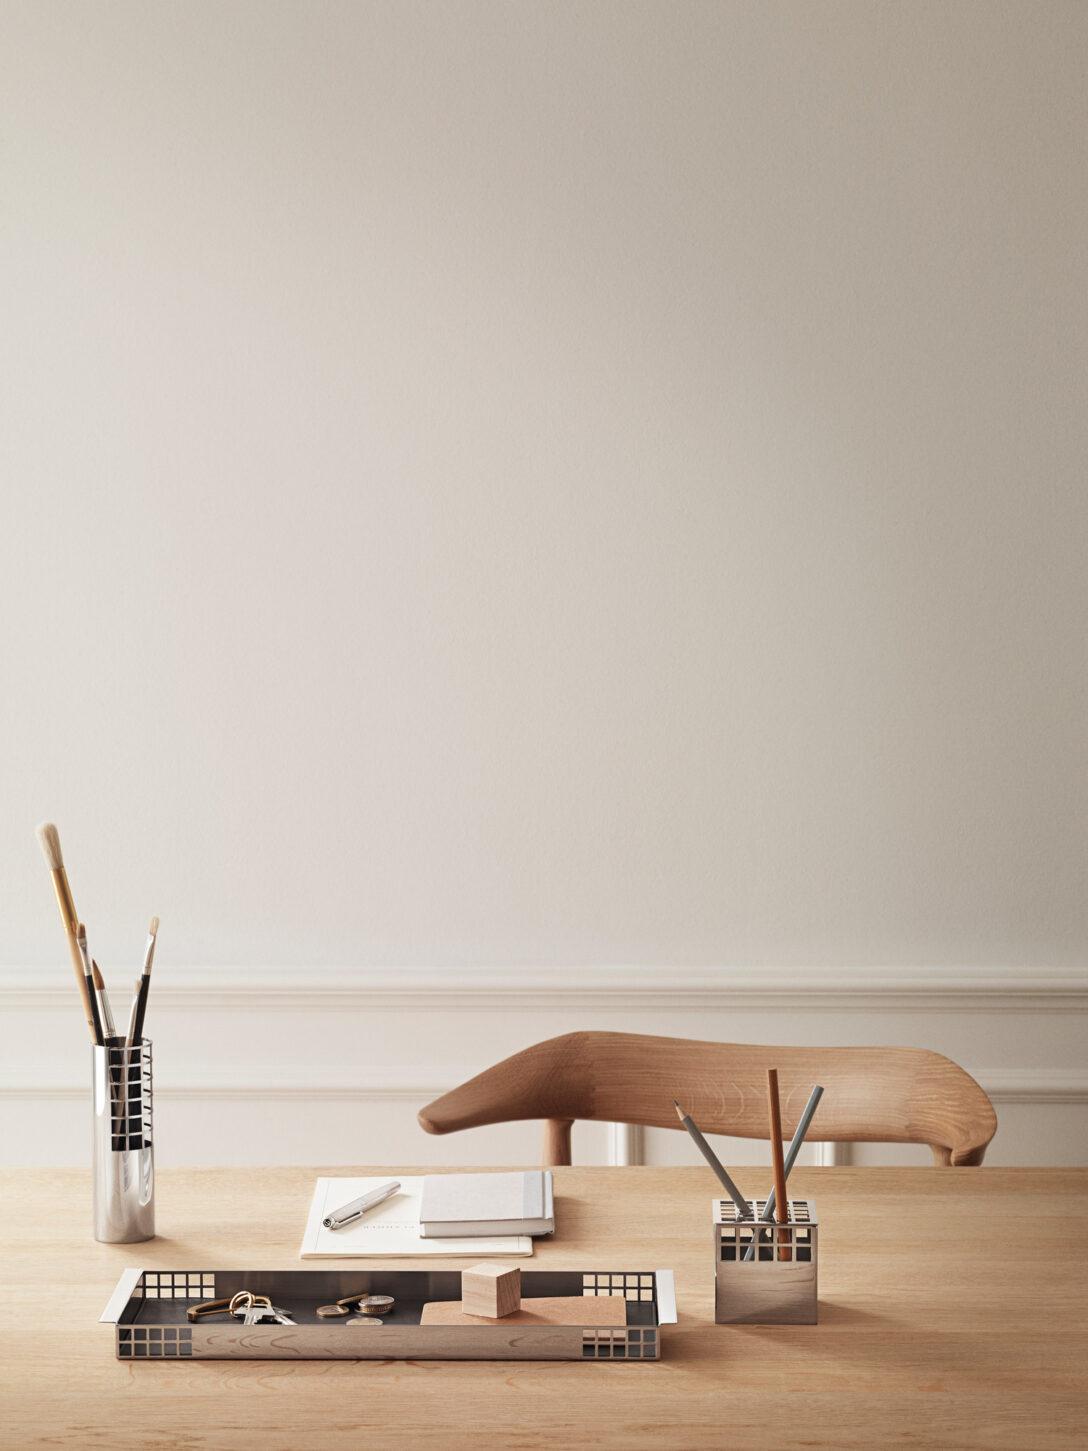 Large Size of Matritray Tablett Edelstahl Und Leder Georg Jensen Einrichten 200x200 Bett Einbauküche Kaufen Mit Schubladen Weiß Ausklappbares Betten Für übergewichtige Wohnzimmer Jensen Bett Kaufen